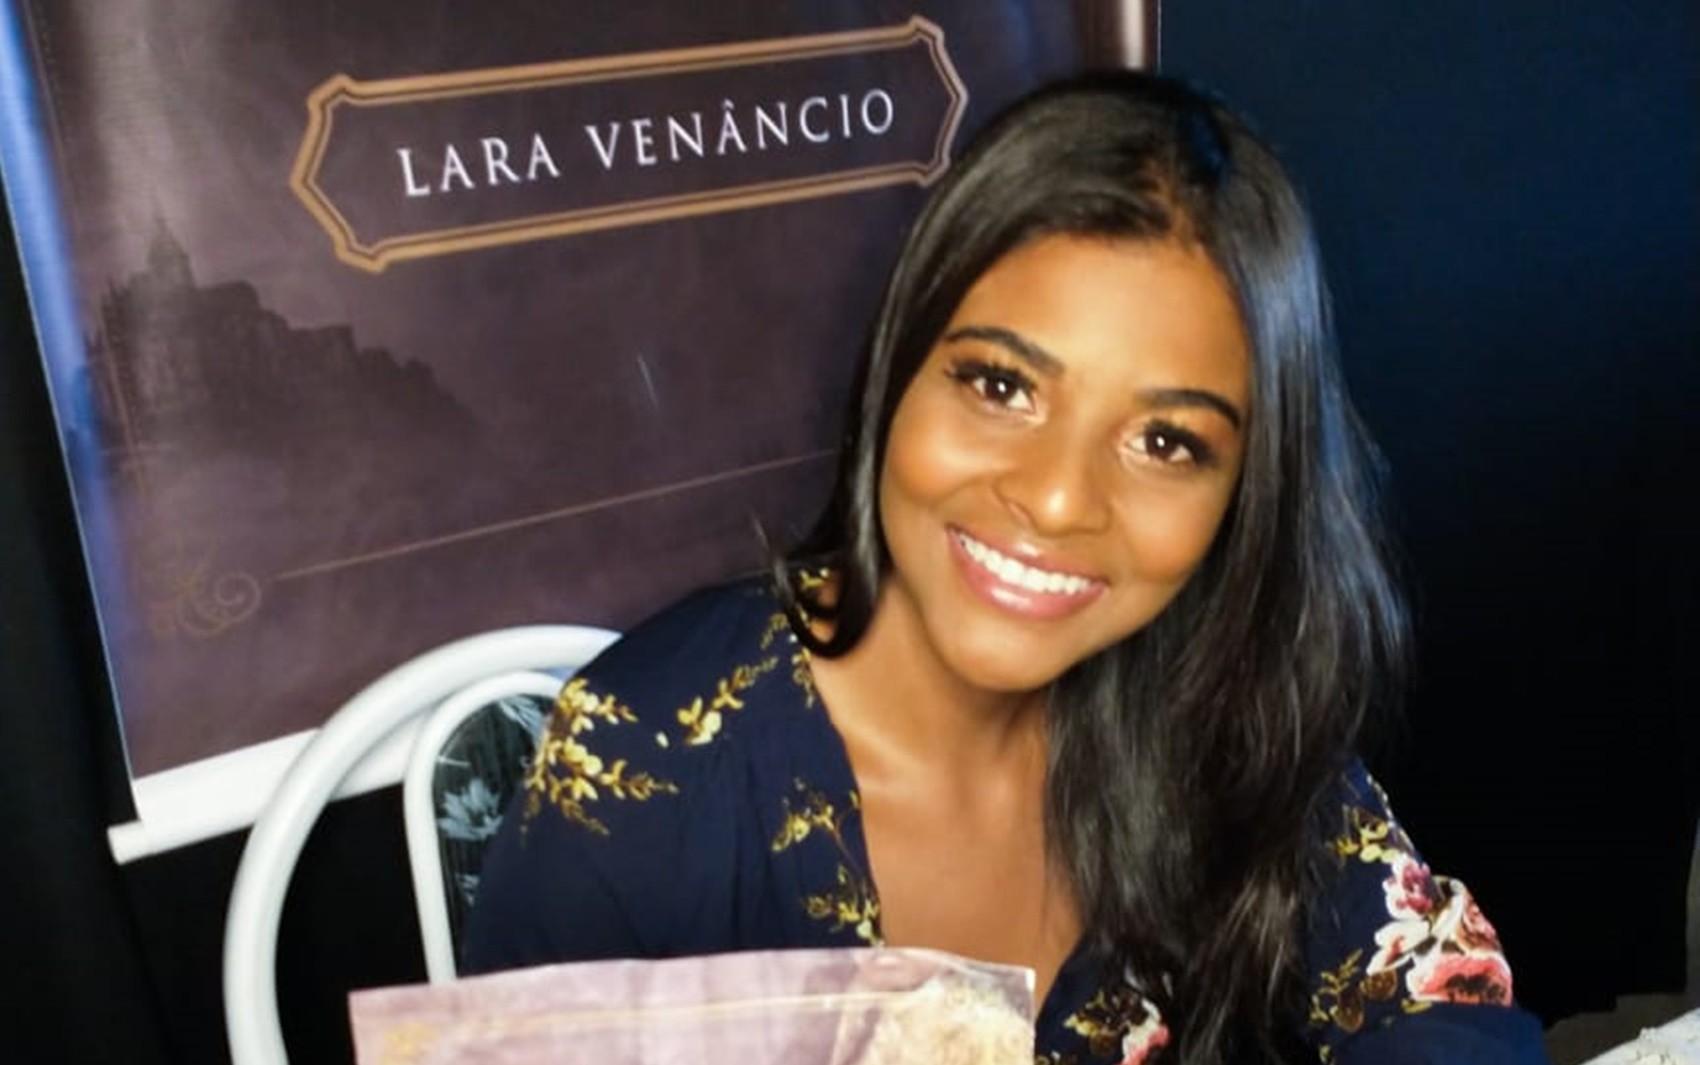 Escritora de 23 anos lança livro sobre empoderamento feminino em Carmo da Cachoeira, MG